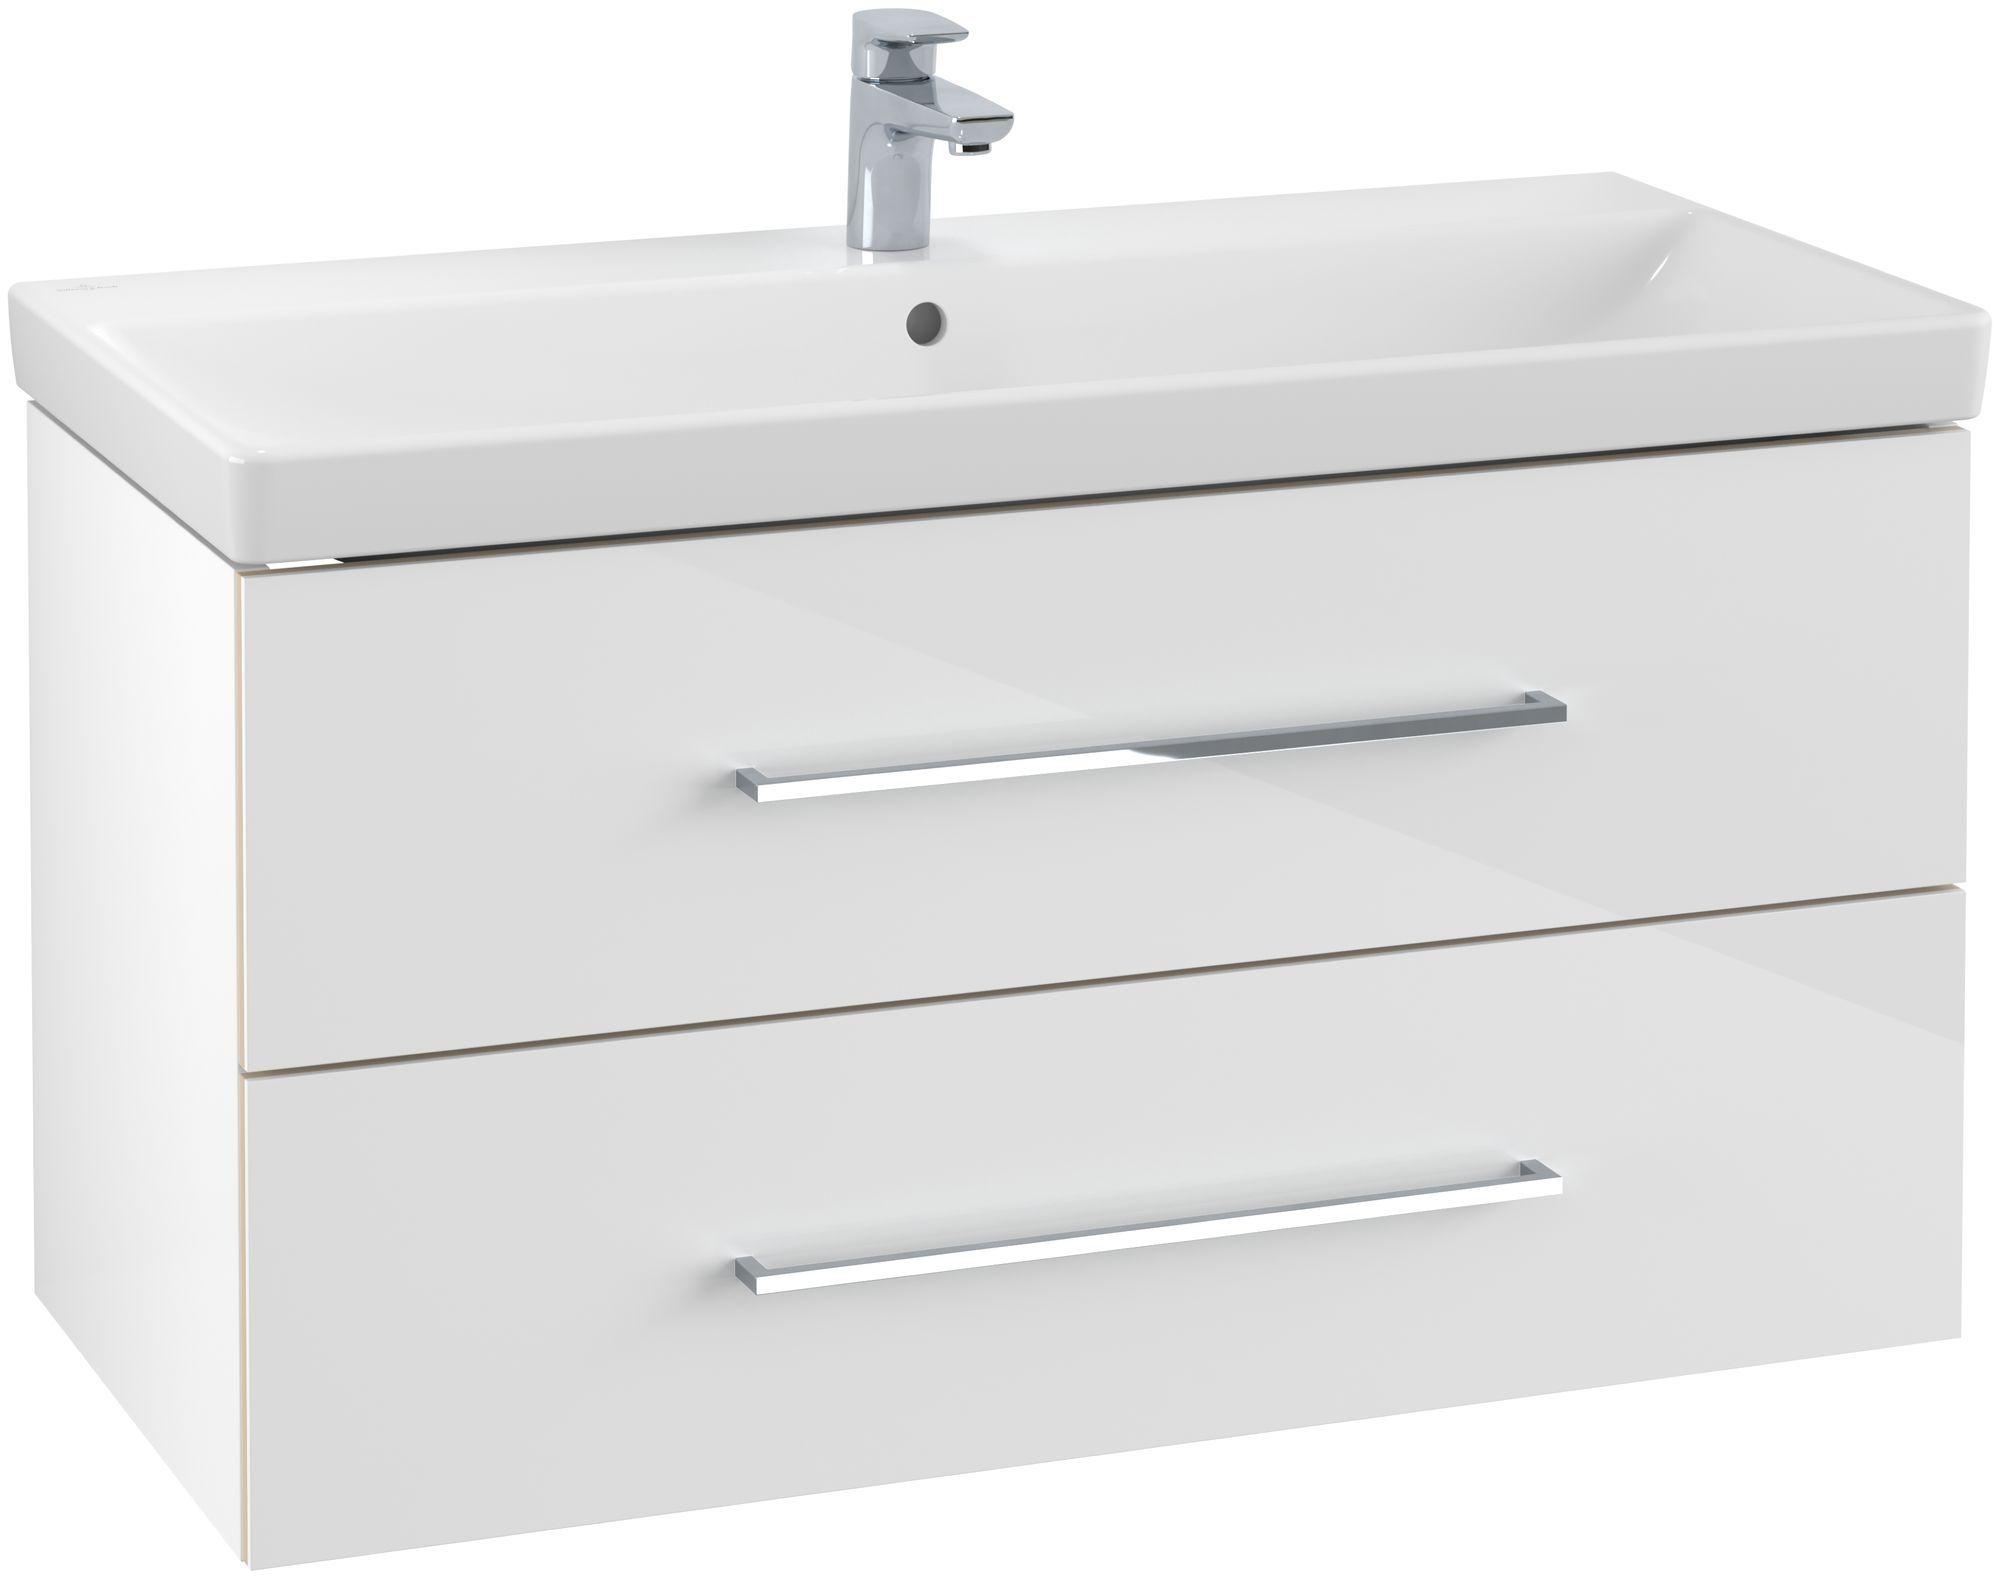 Villeroy & Boch Avento Waschtischunterschrank mit 2 Auszügen B:96,7 x H:52 x T:44,7 cm crystal white A89200B4